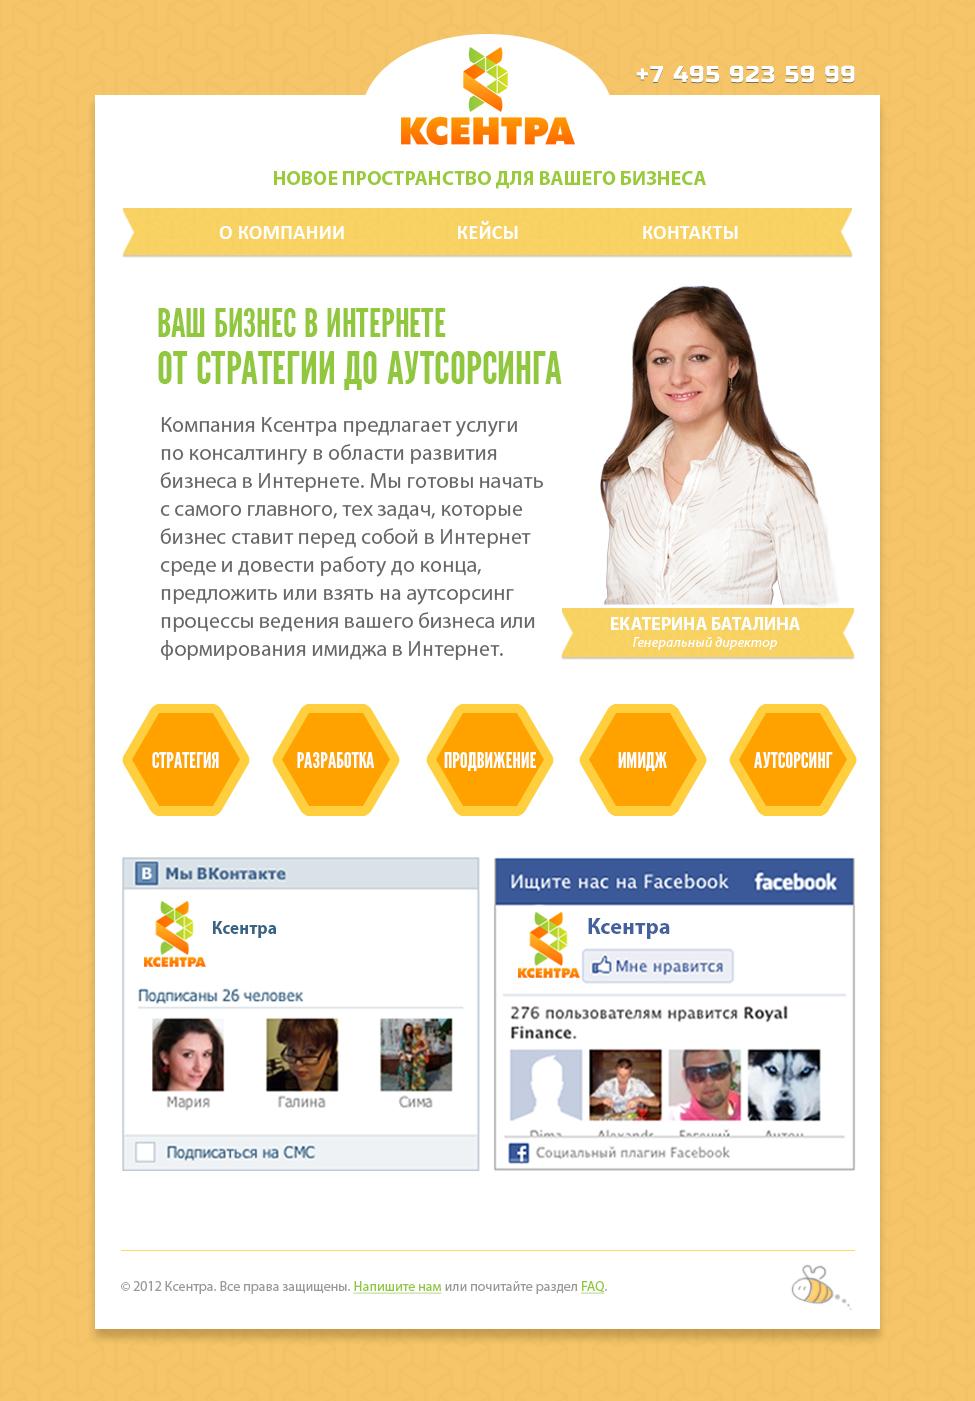 Вариант дизайна сайта компании Ксентра